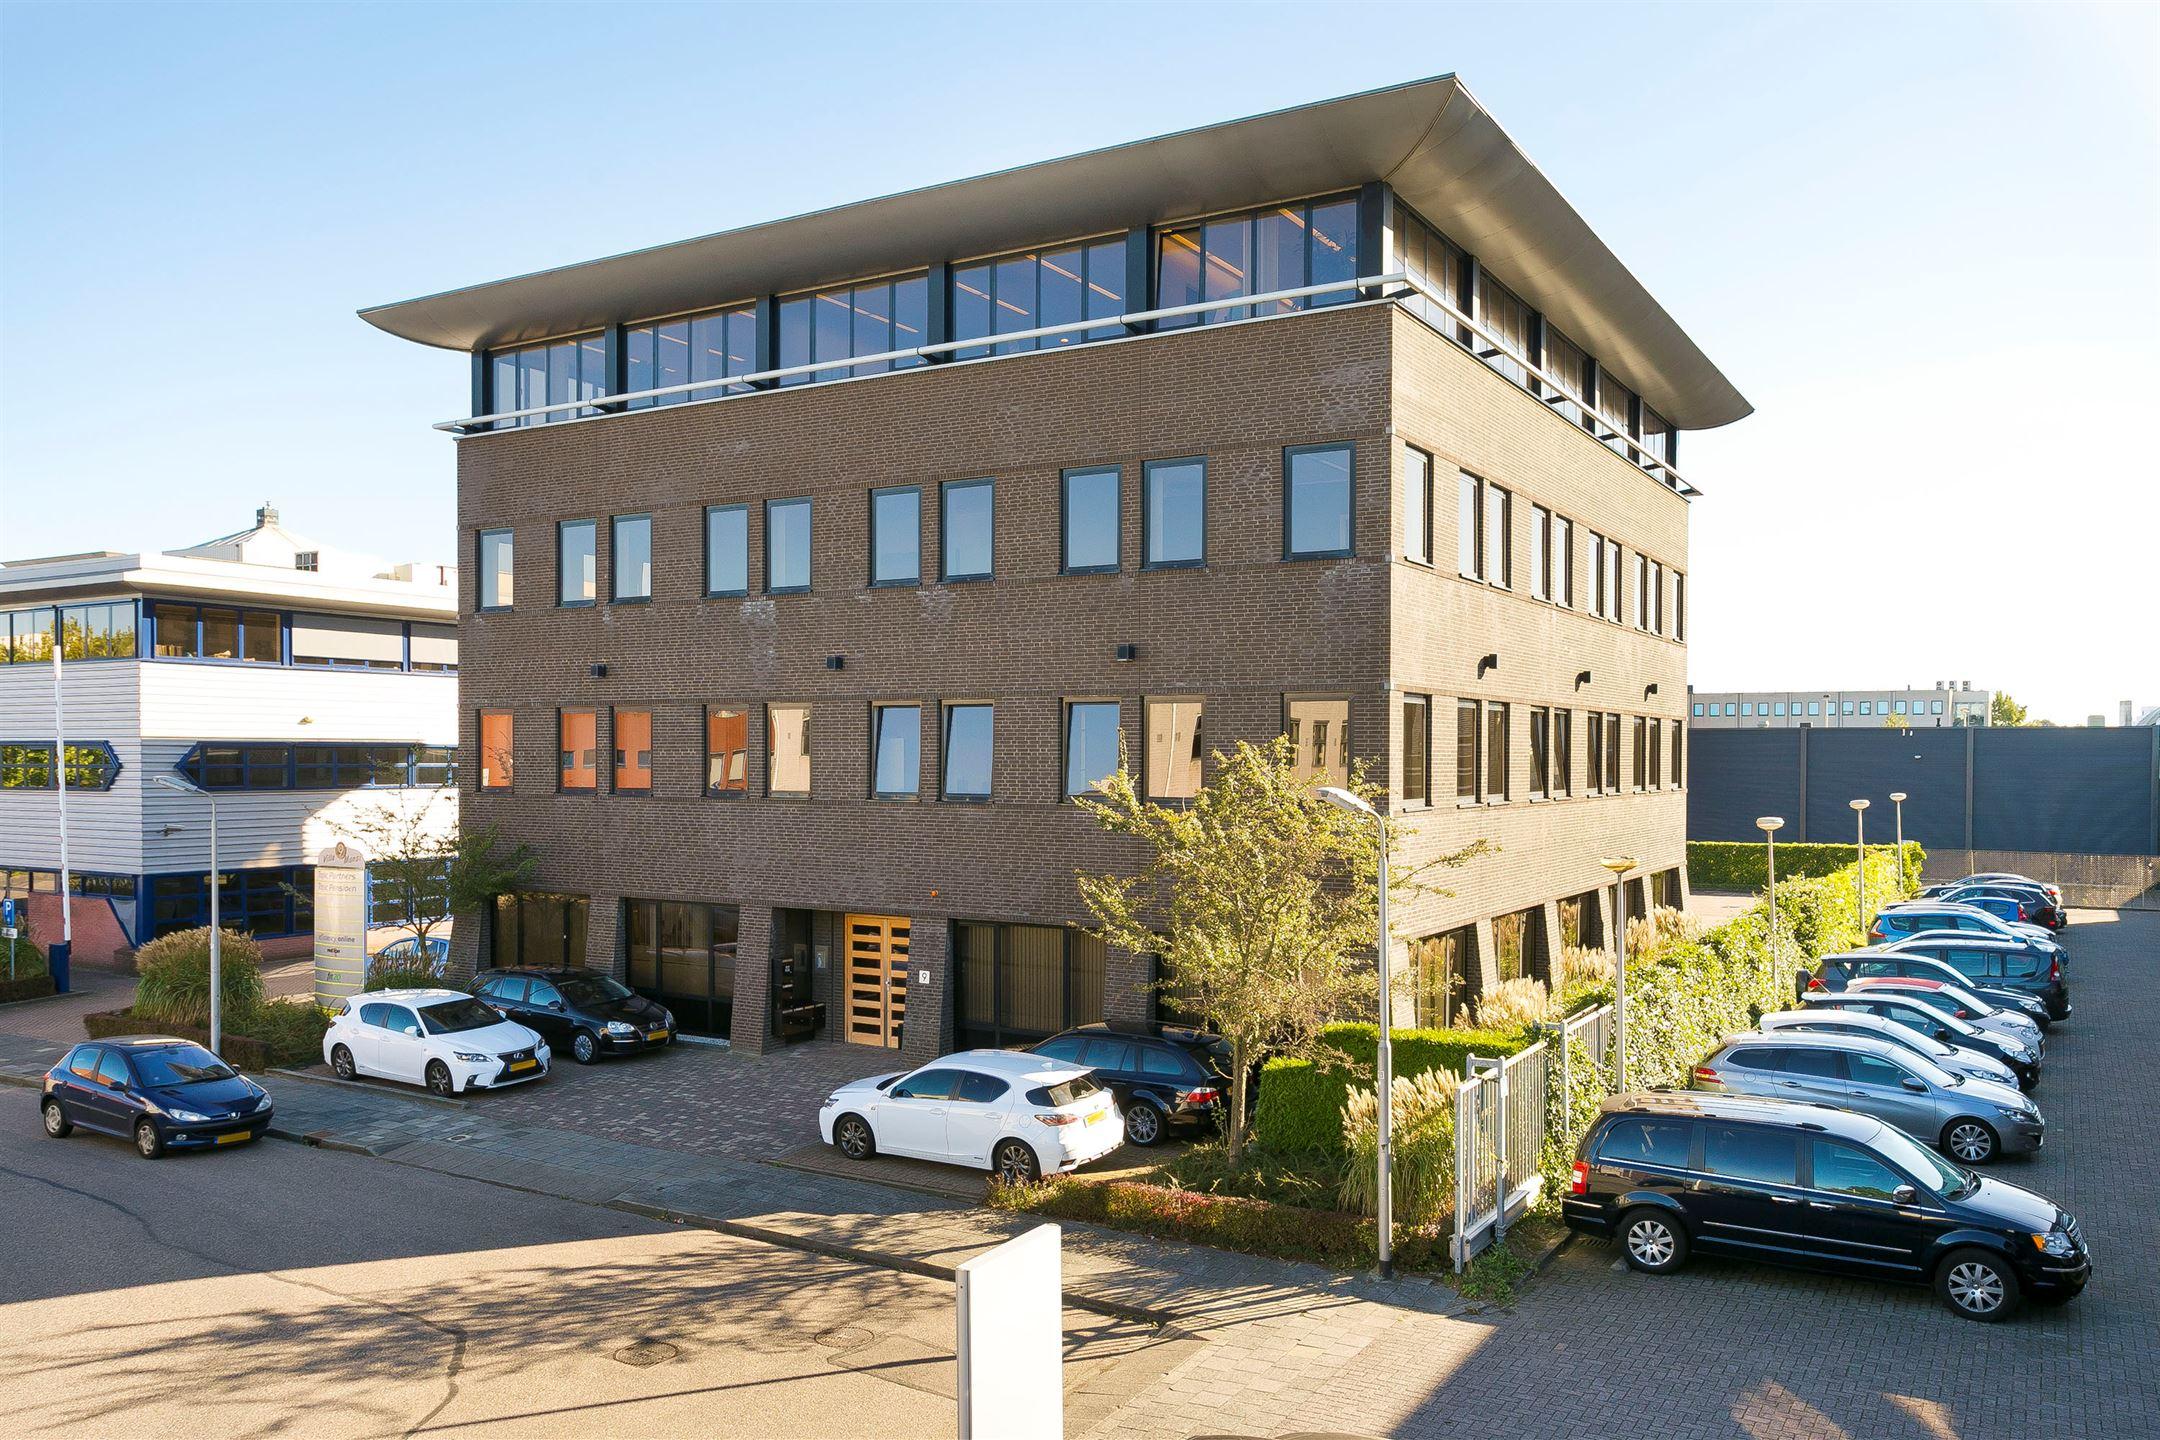 Garage Huren Amersfoort : Kantoor amersfoort zoek kantoren te huur softwareweg a f